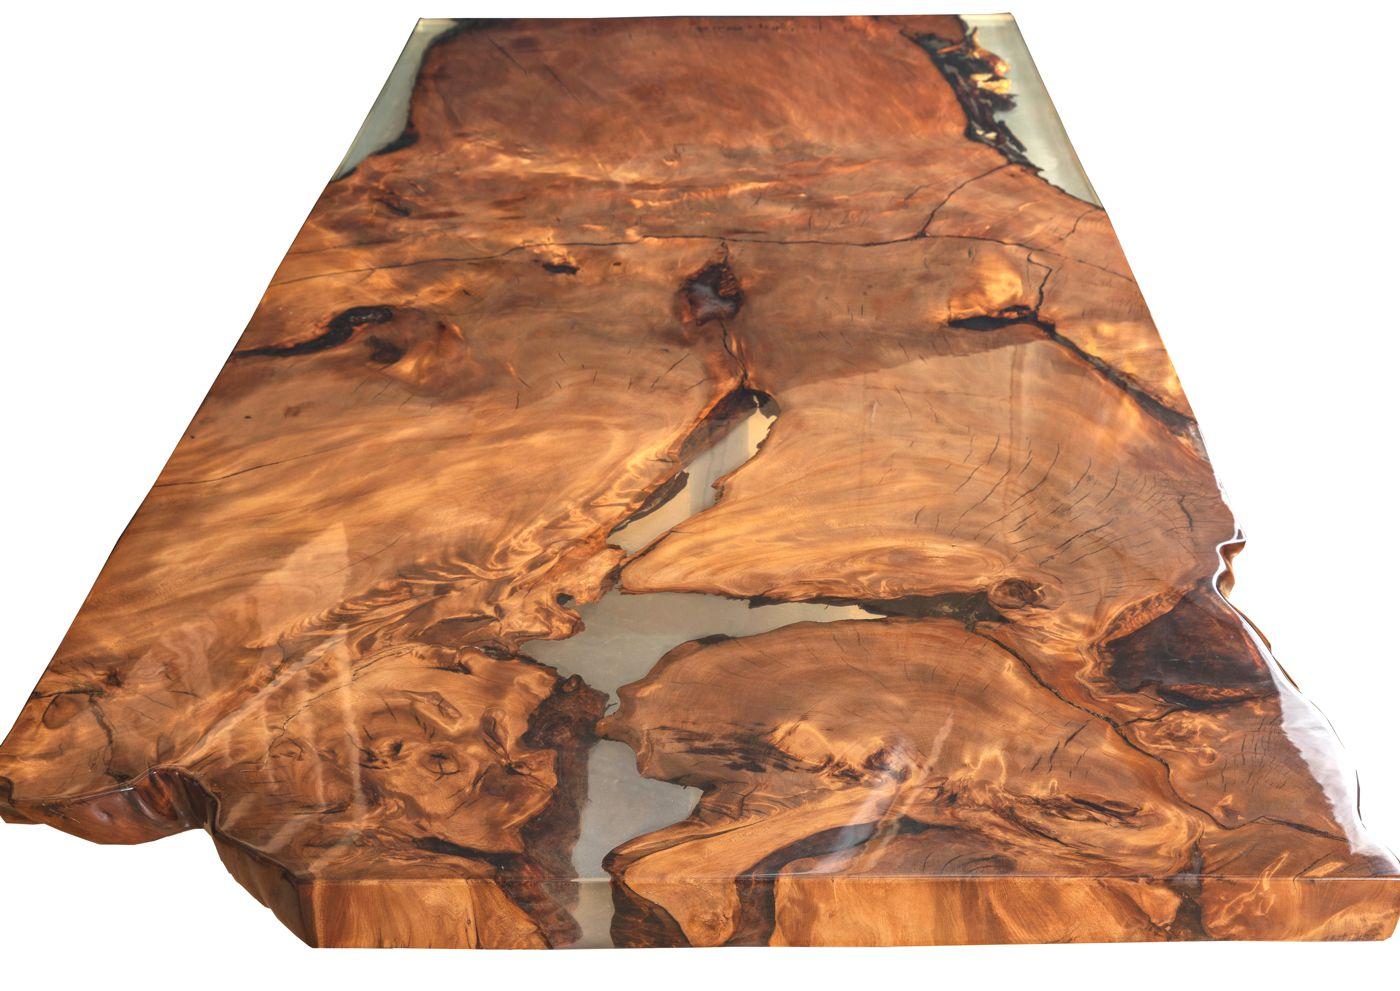 Designer Esstisch als luxuriöses Natur Kunstwerk, ein Unikat Tisch aus Kauri Wurzelholz mit goldfarbenem Bernstein im Luxustisch